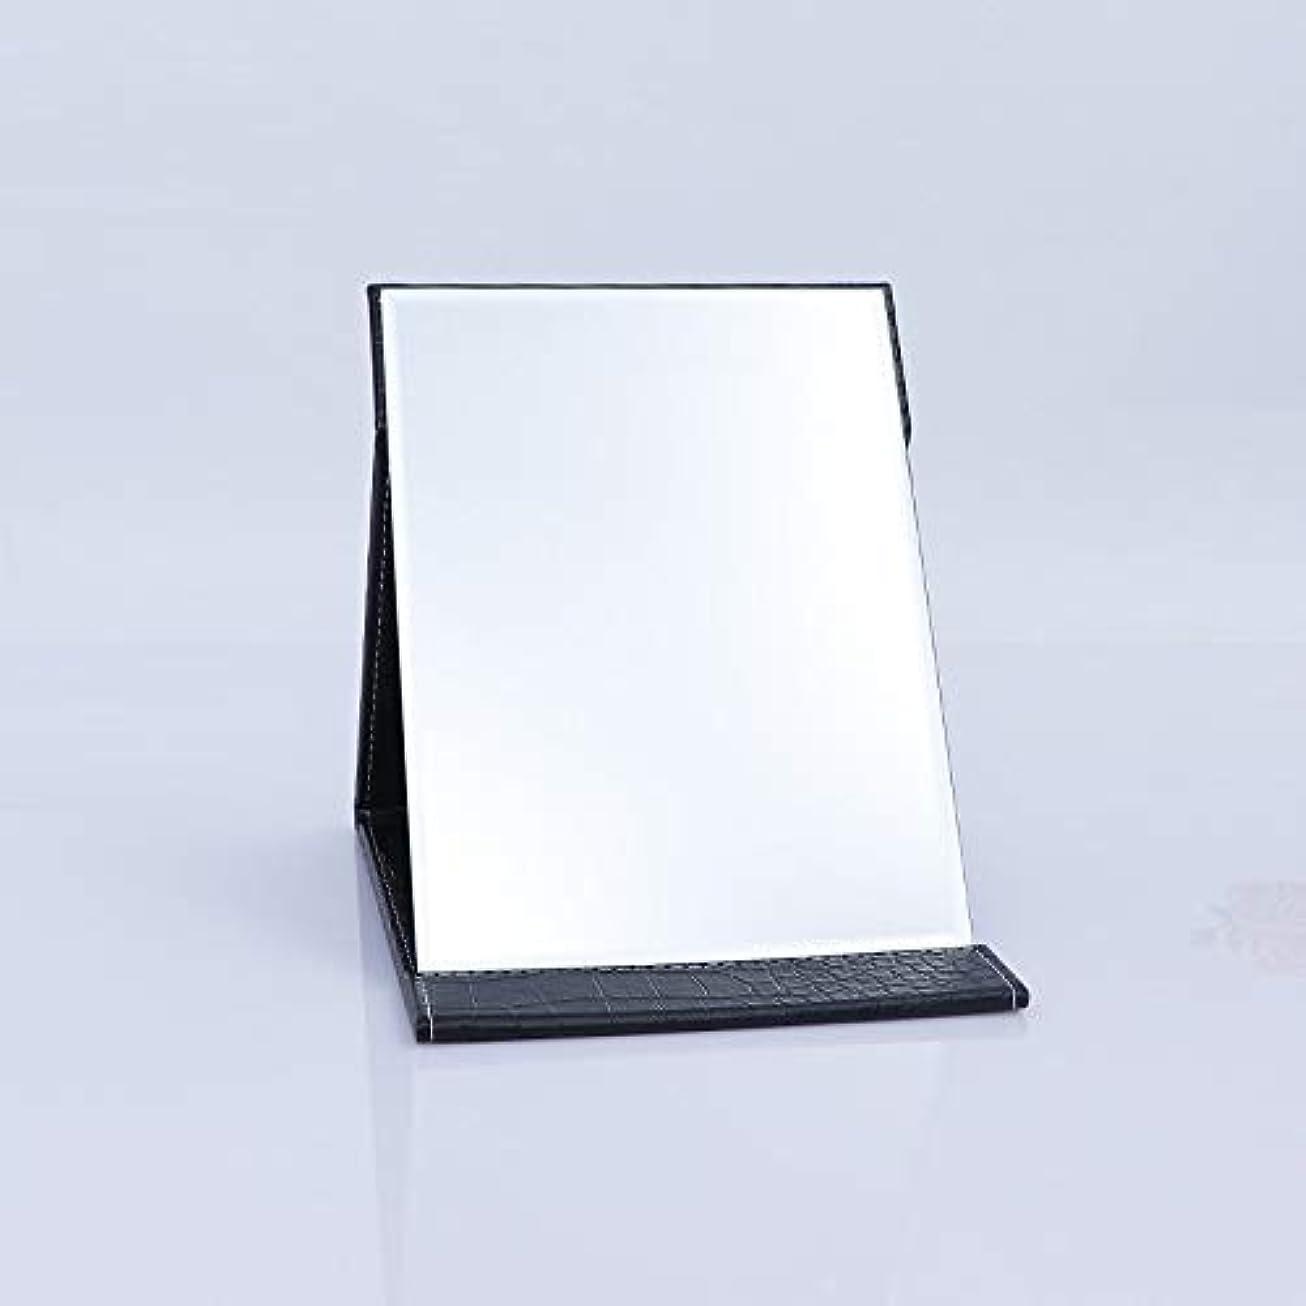 スラム街一族区別するTakelablaze 化粧鏡 折立ミラー 卓上スタンドミラー 折りたたみミラー PUレザー ブラック